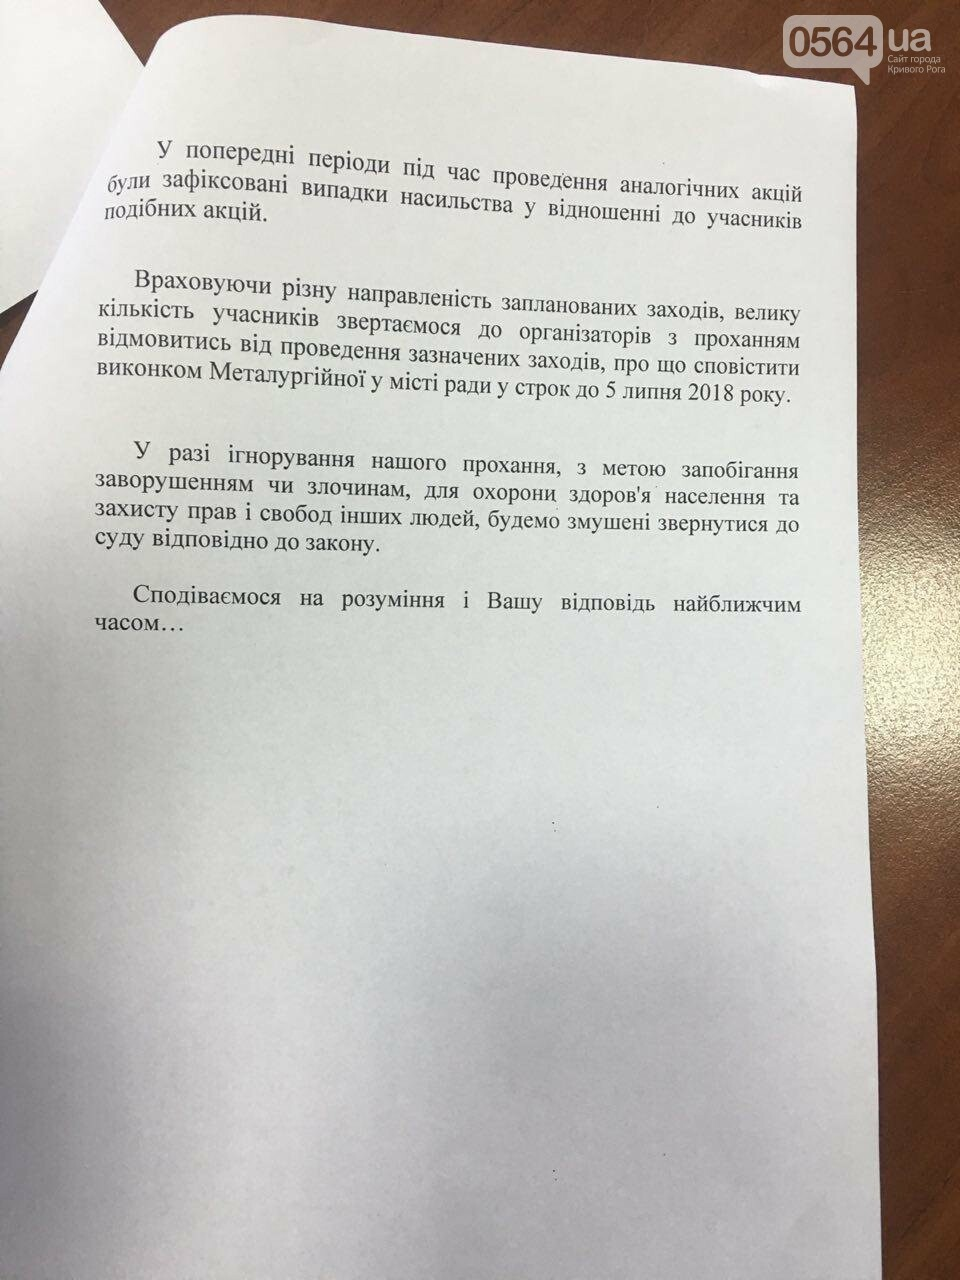 """""""Если не по любви, то через суд"""": Власть и полиция просят активистов отменить все марши в Кривом Роге, - ФОТО, ВИДЕО, фото-2"""